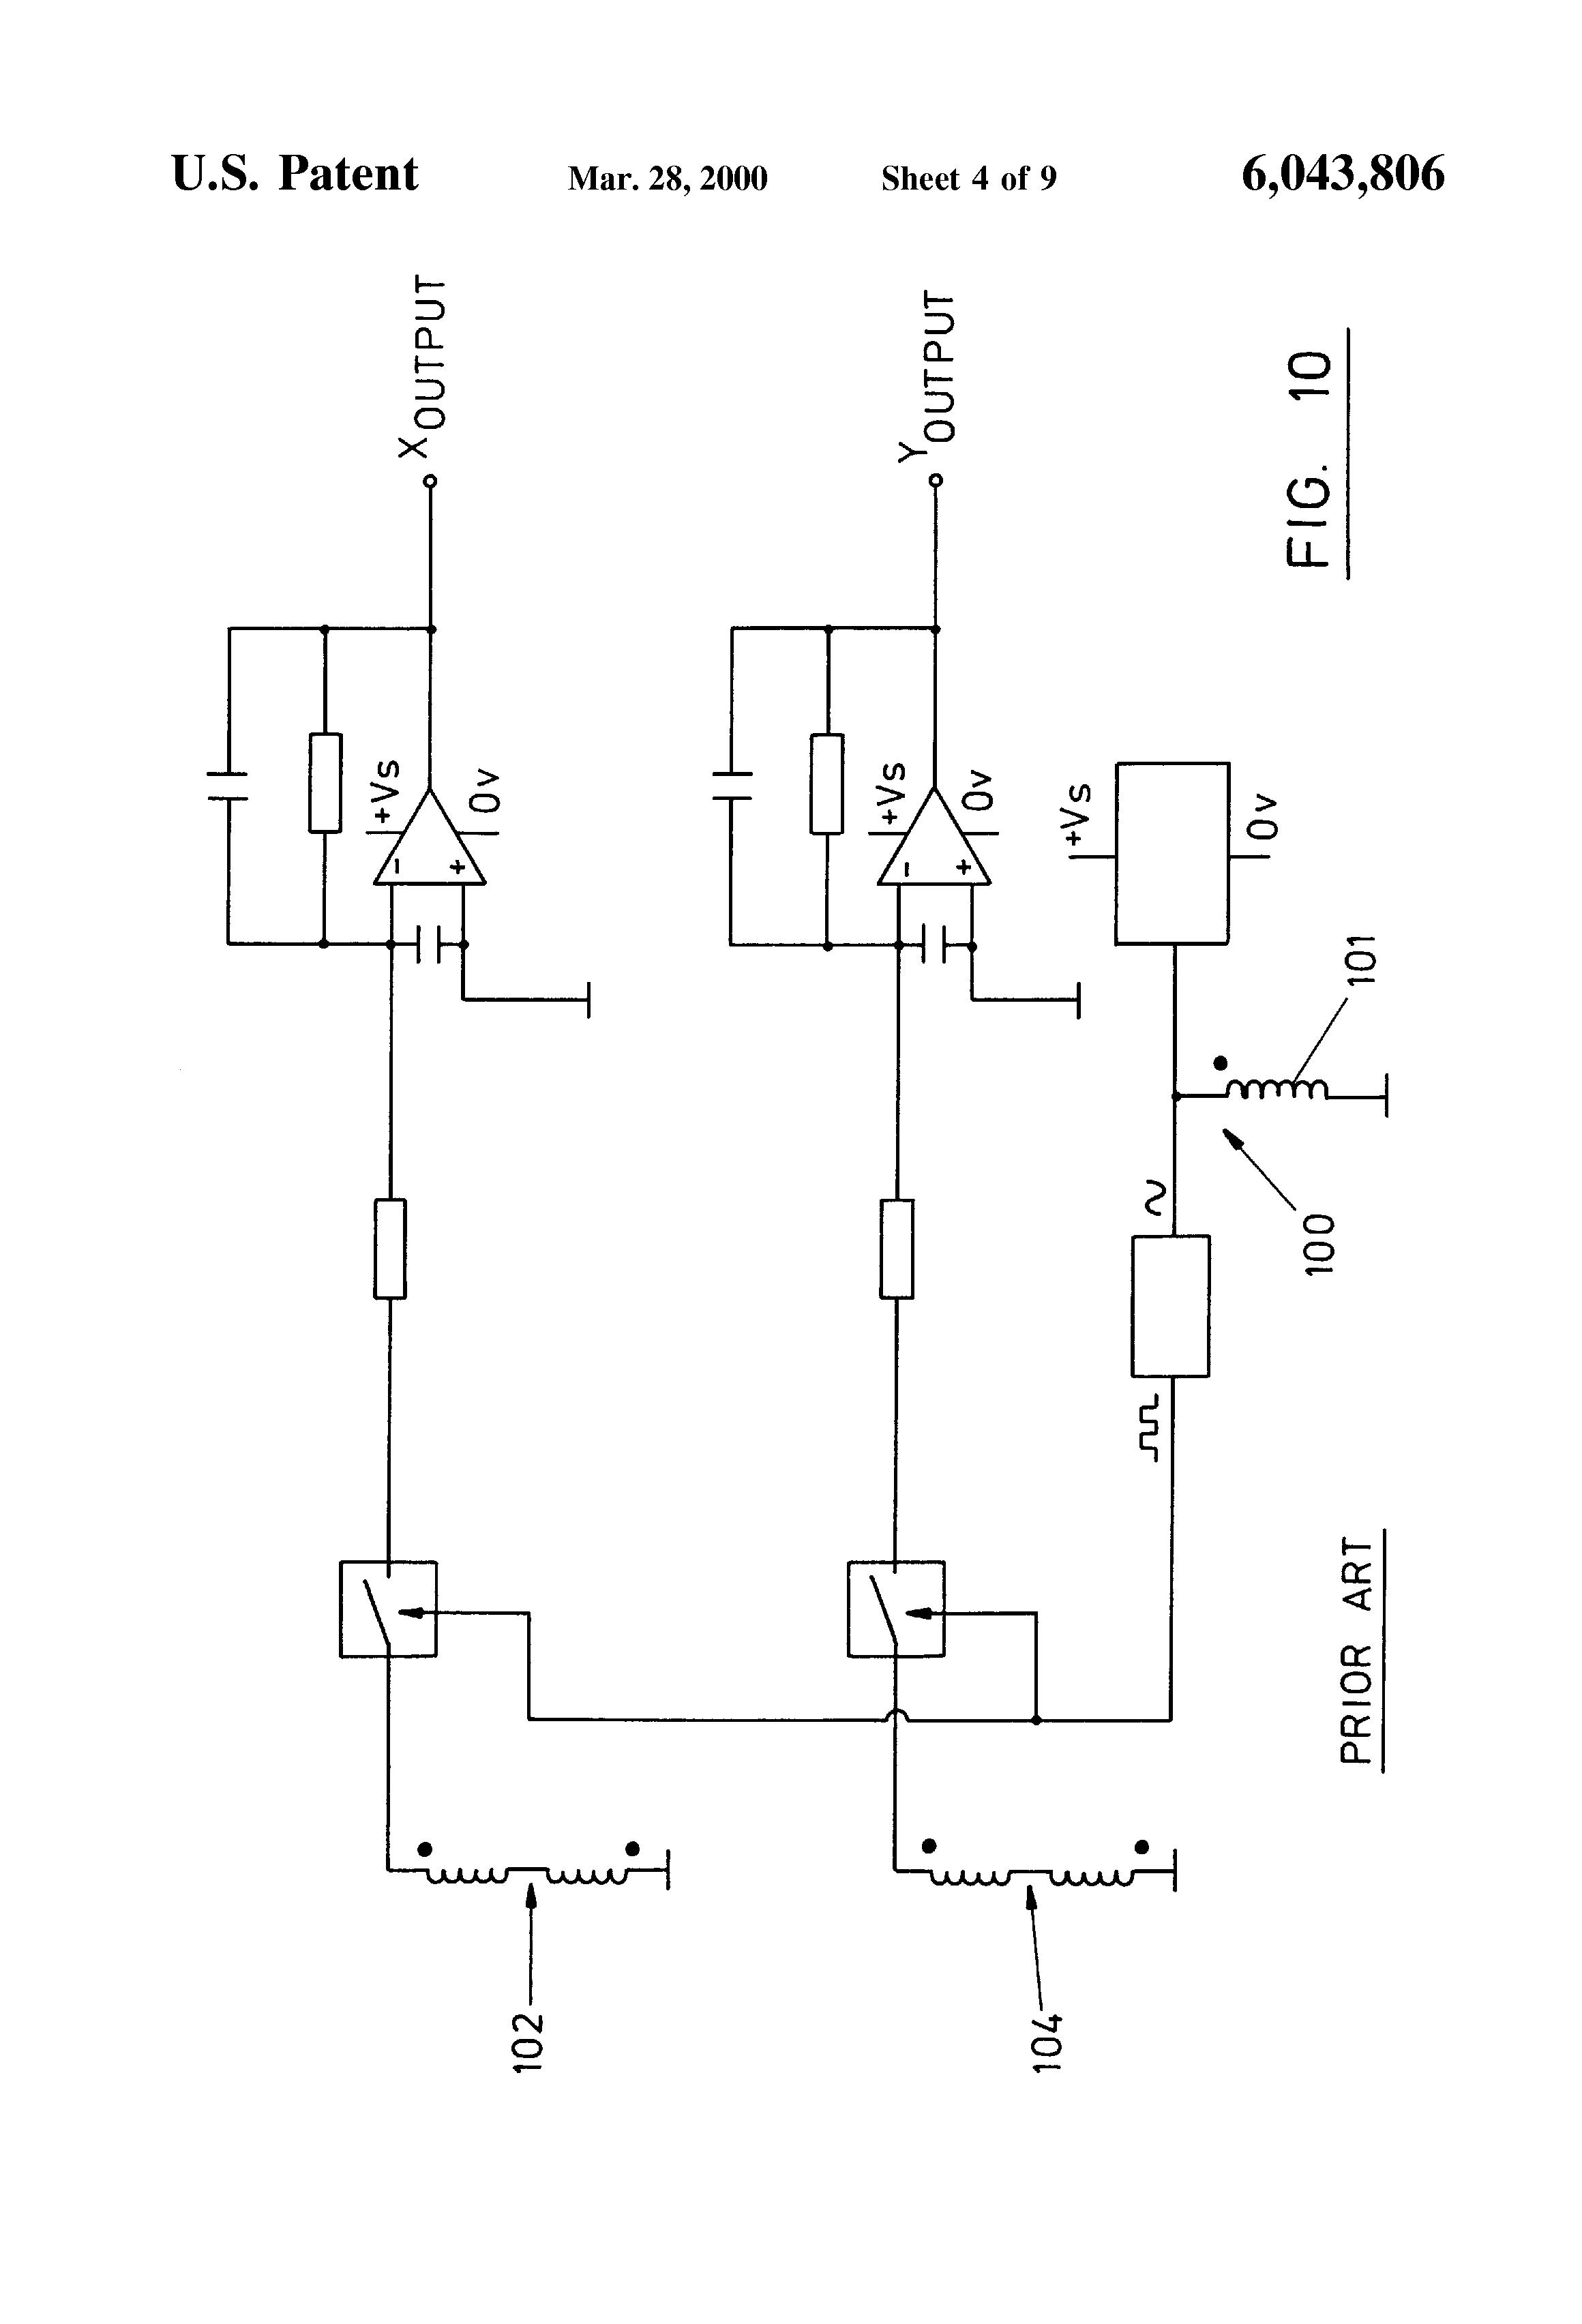 Sauer Danfoss Joystick Wiring Diagram 37 Images Us6043806 4 Patent Inductive And Signal Processing At Cita